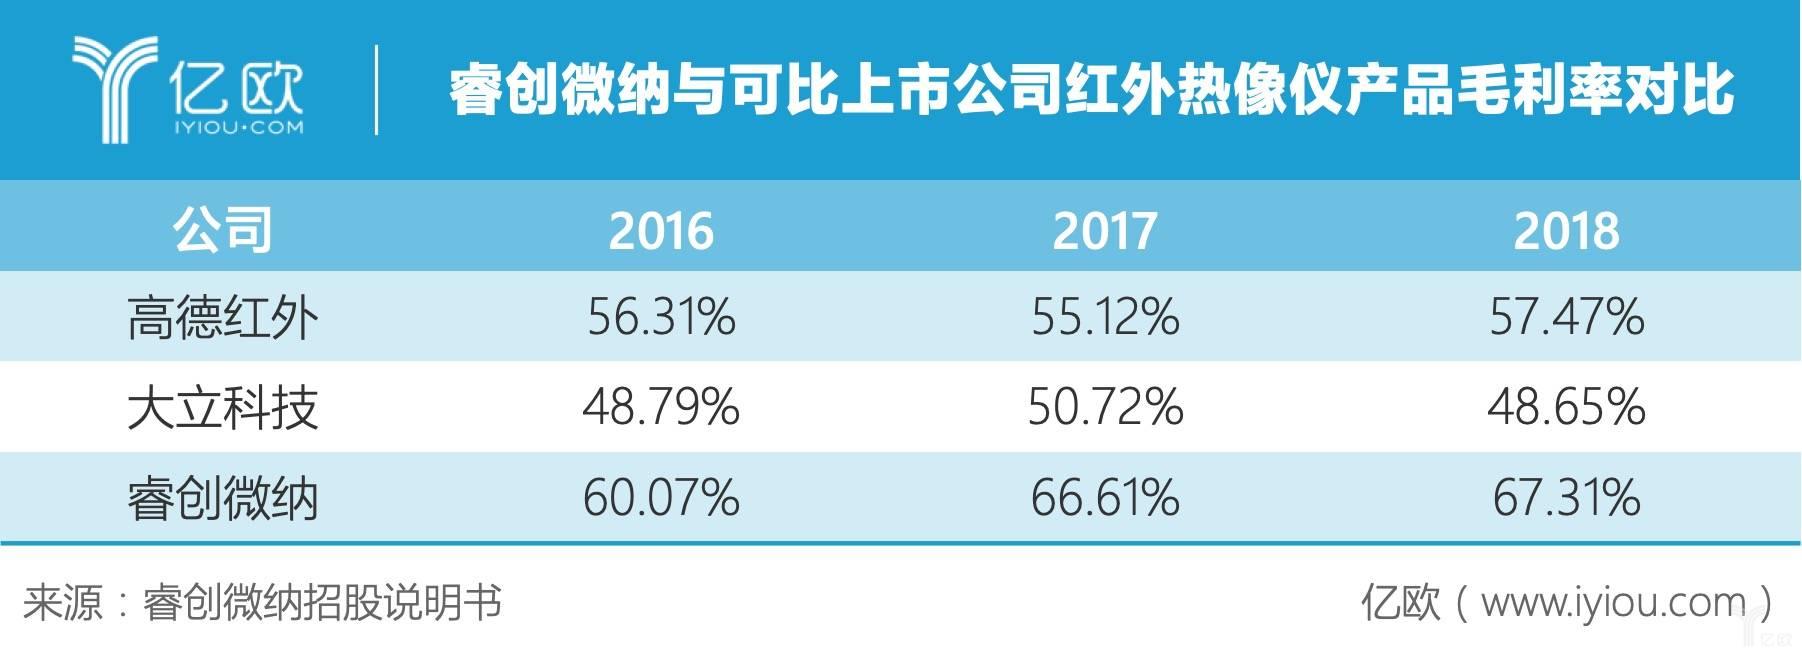 睿创微纳与可比上市公司红外热像仪产品毛利率对比.jpeg